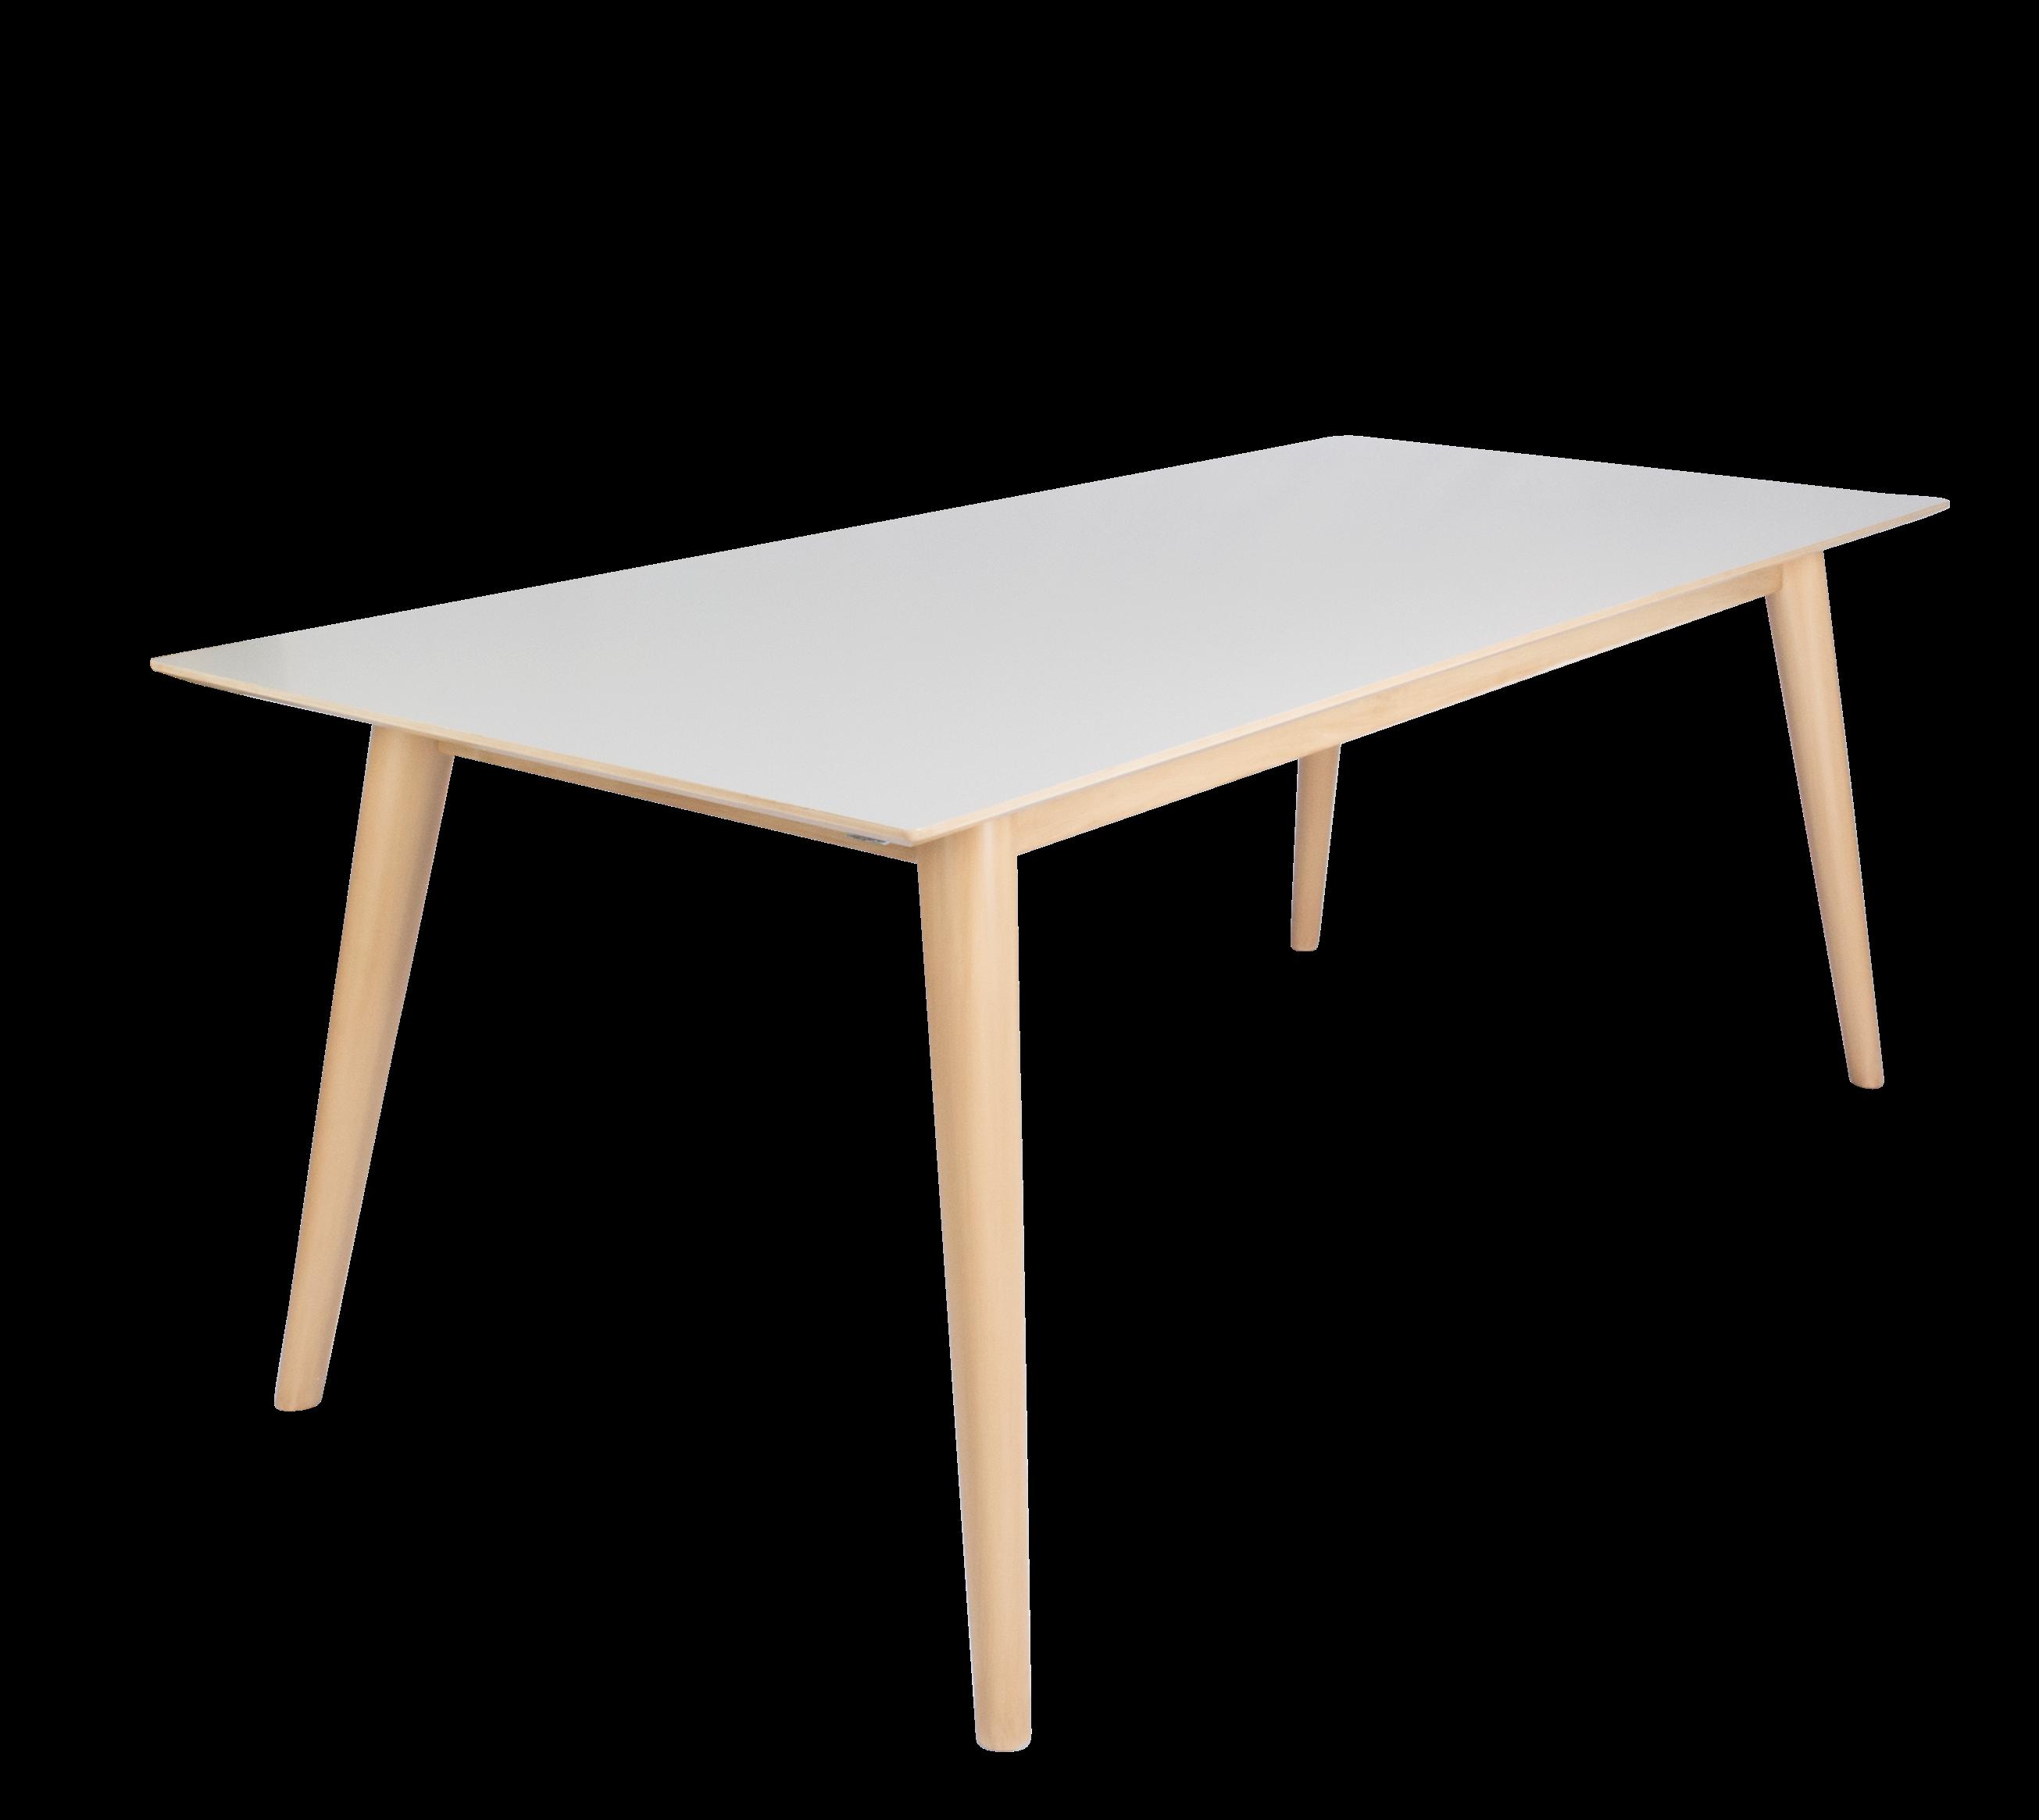 Spisebord laminat for Wohnzimmertisch 140 x 80